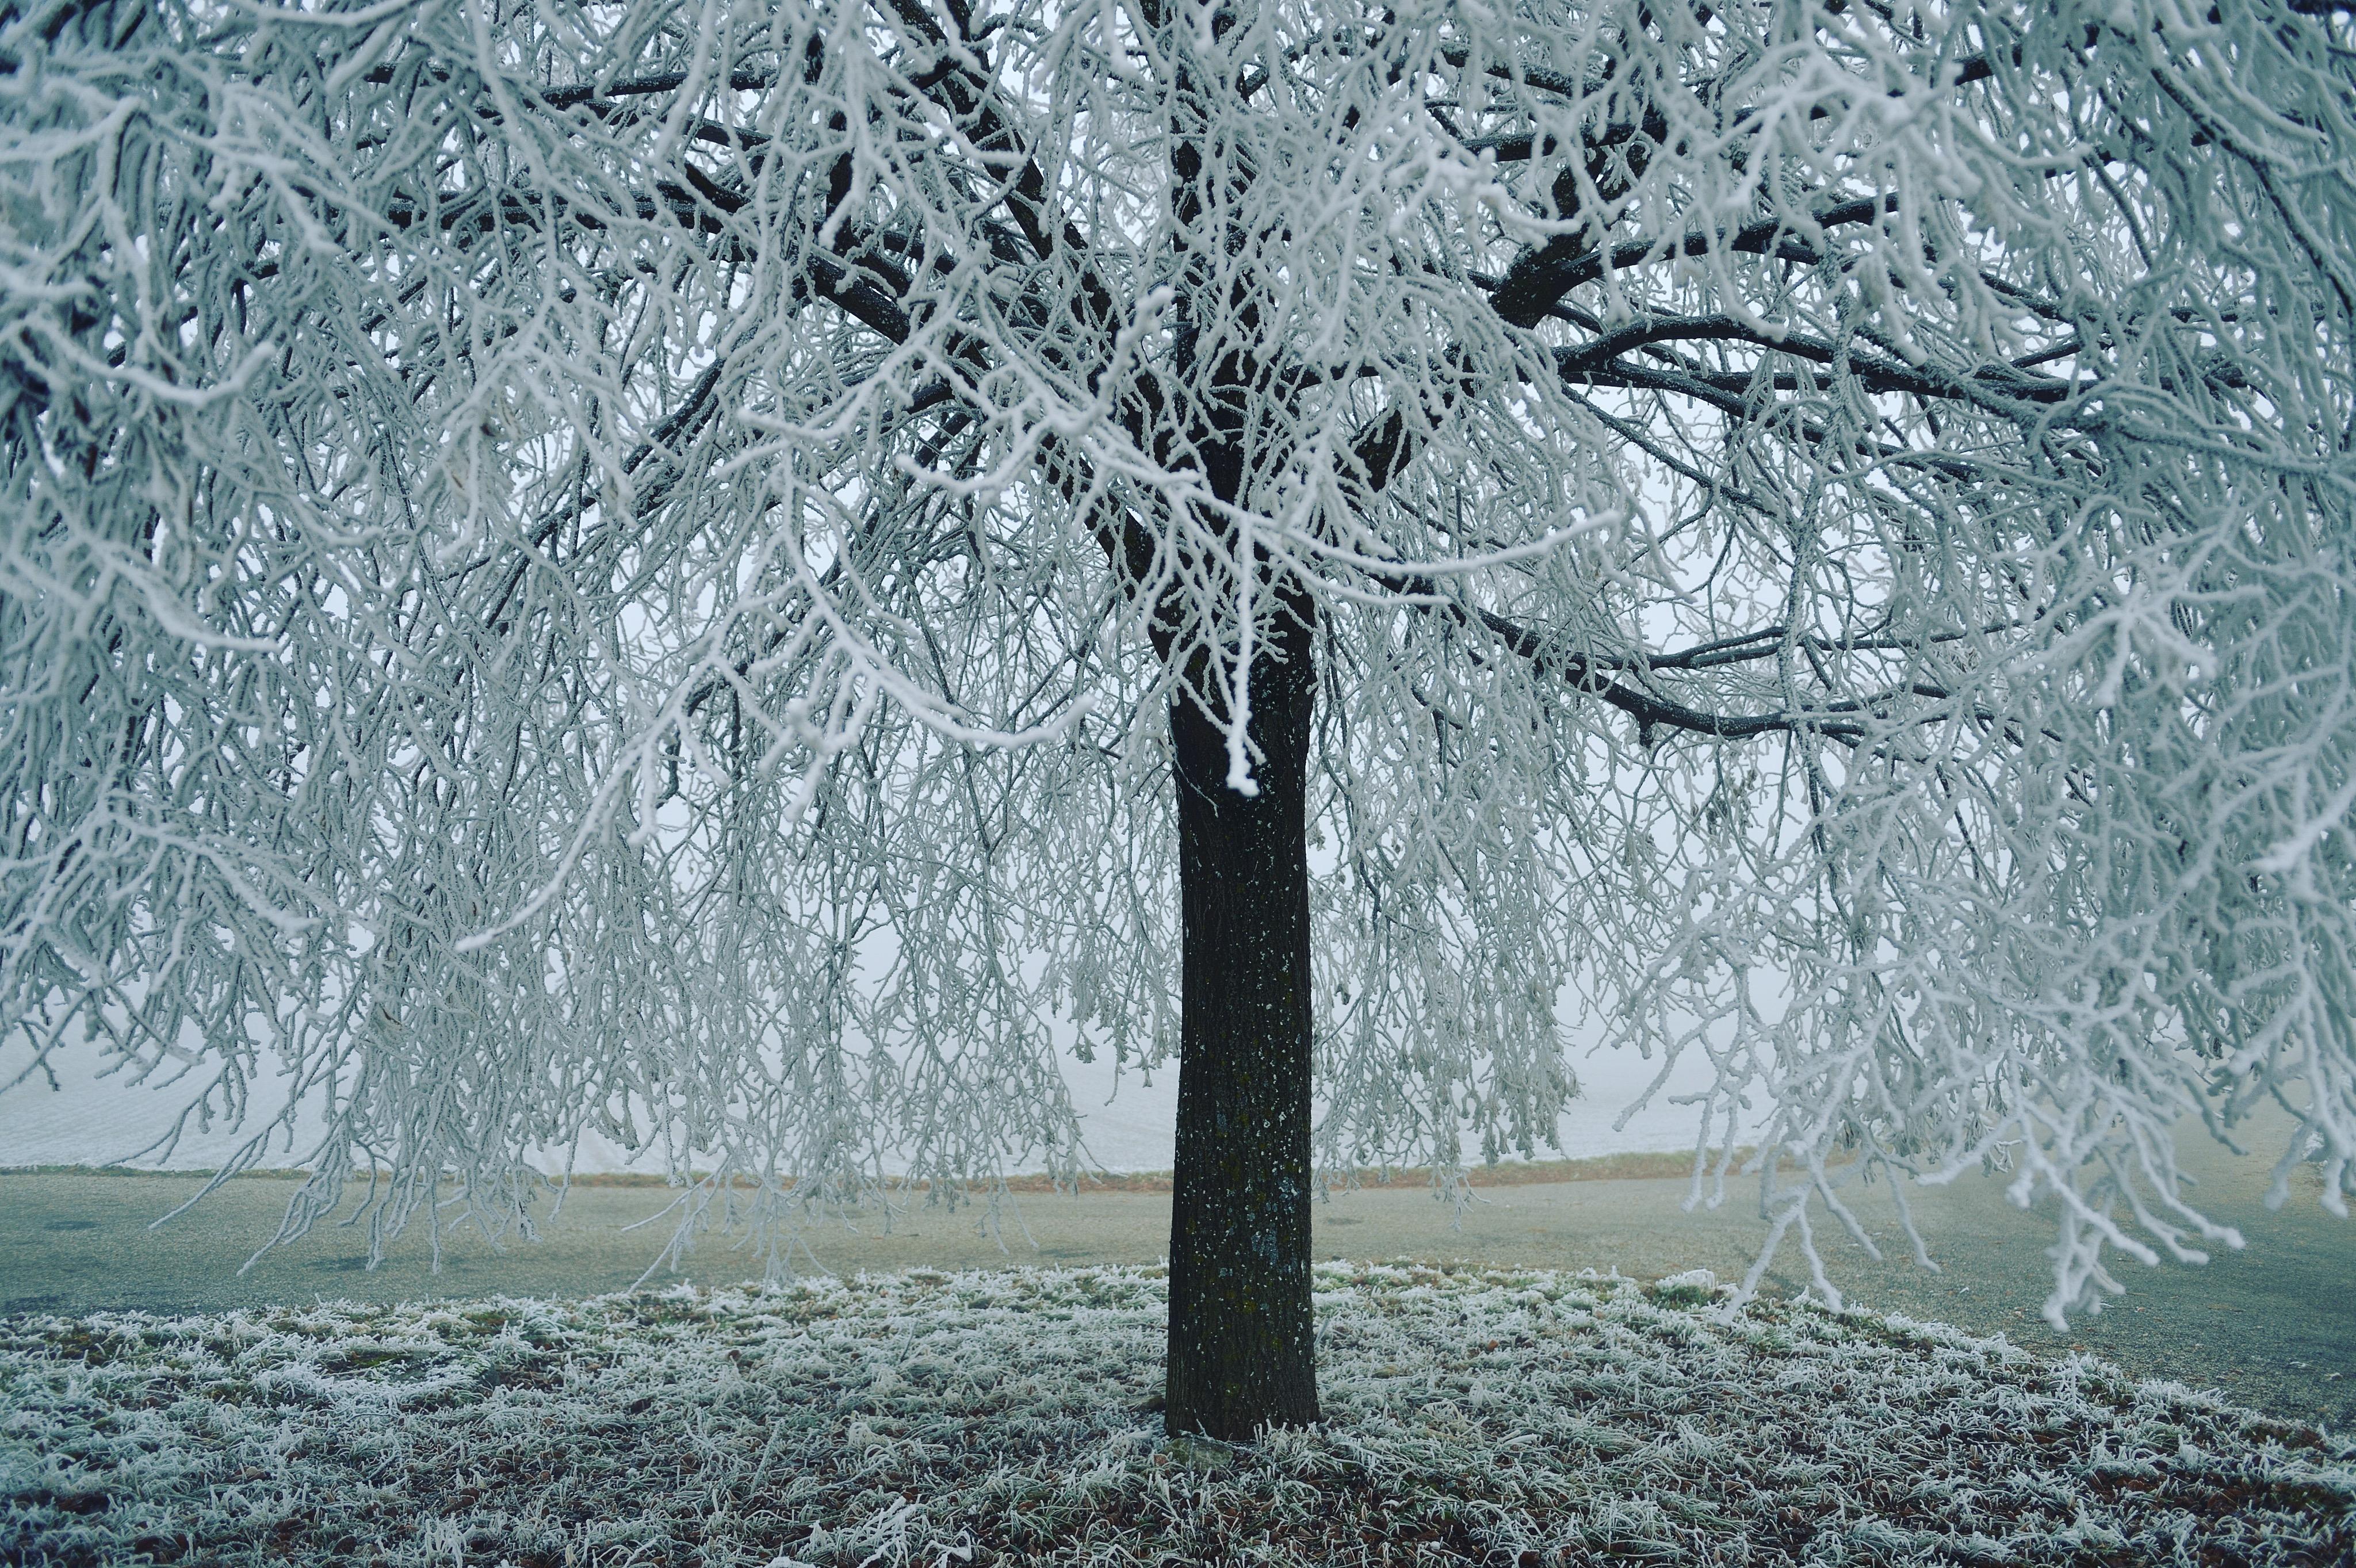 расписание, картинки инея дождя и снега это